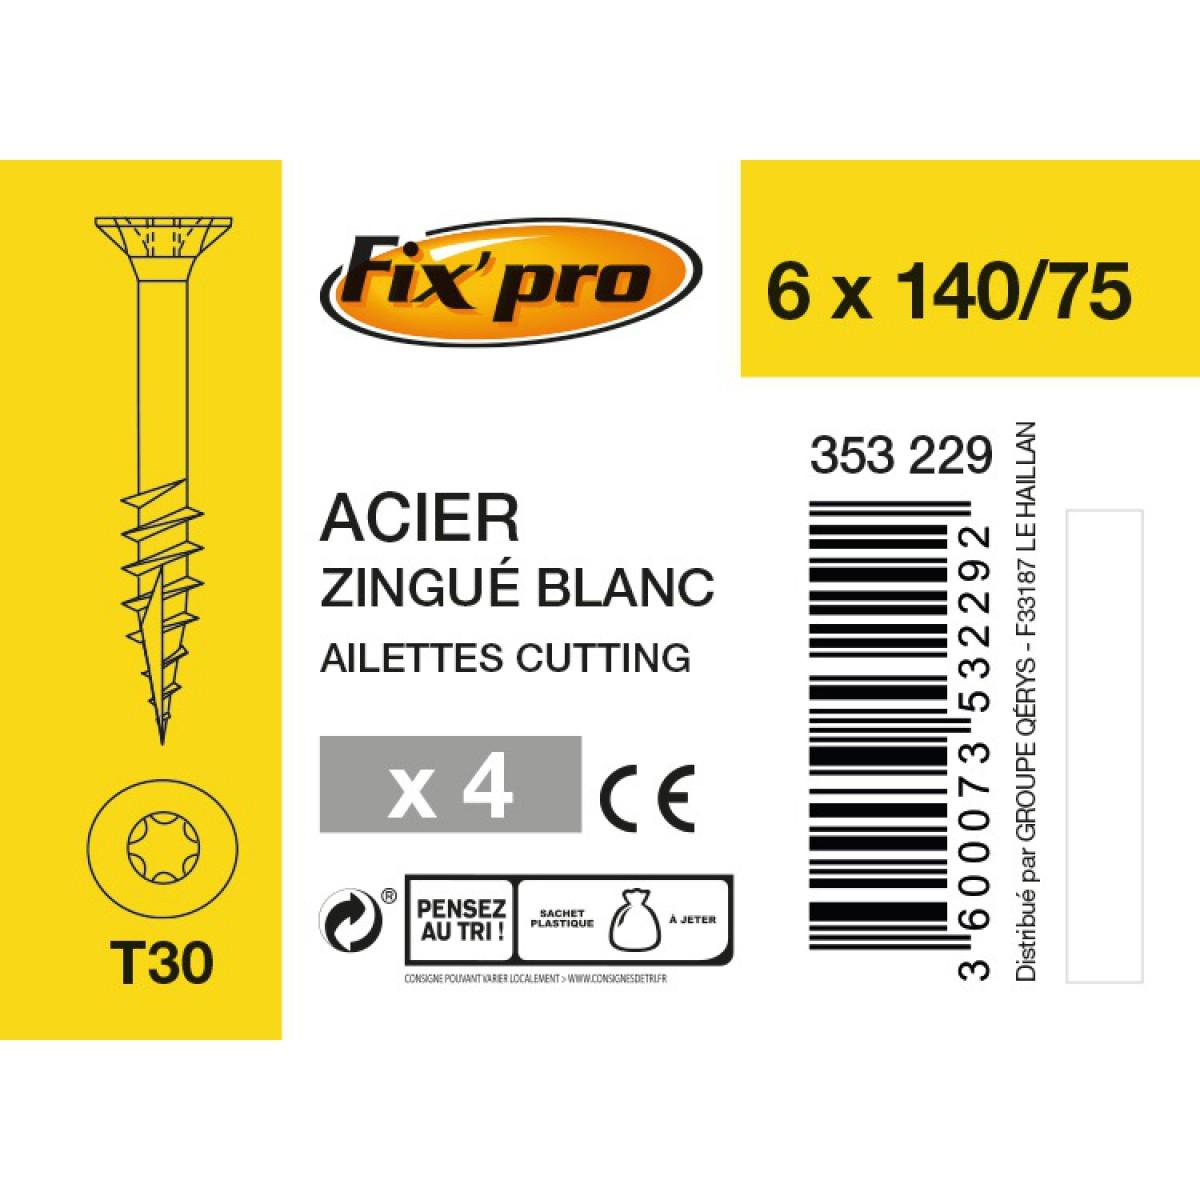 Vis à bois tête fraisée TX - 6x140/75 - 4pces - Fixpro